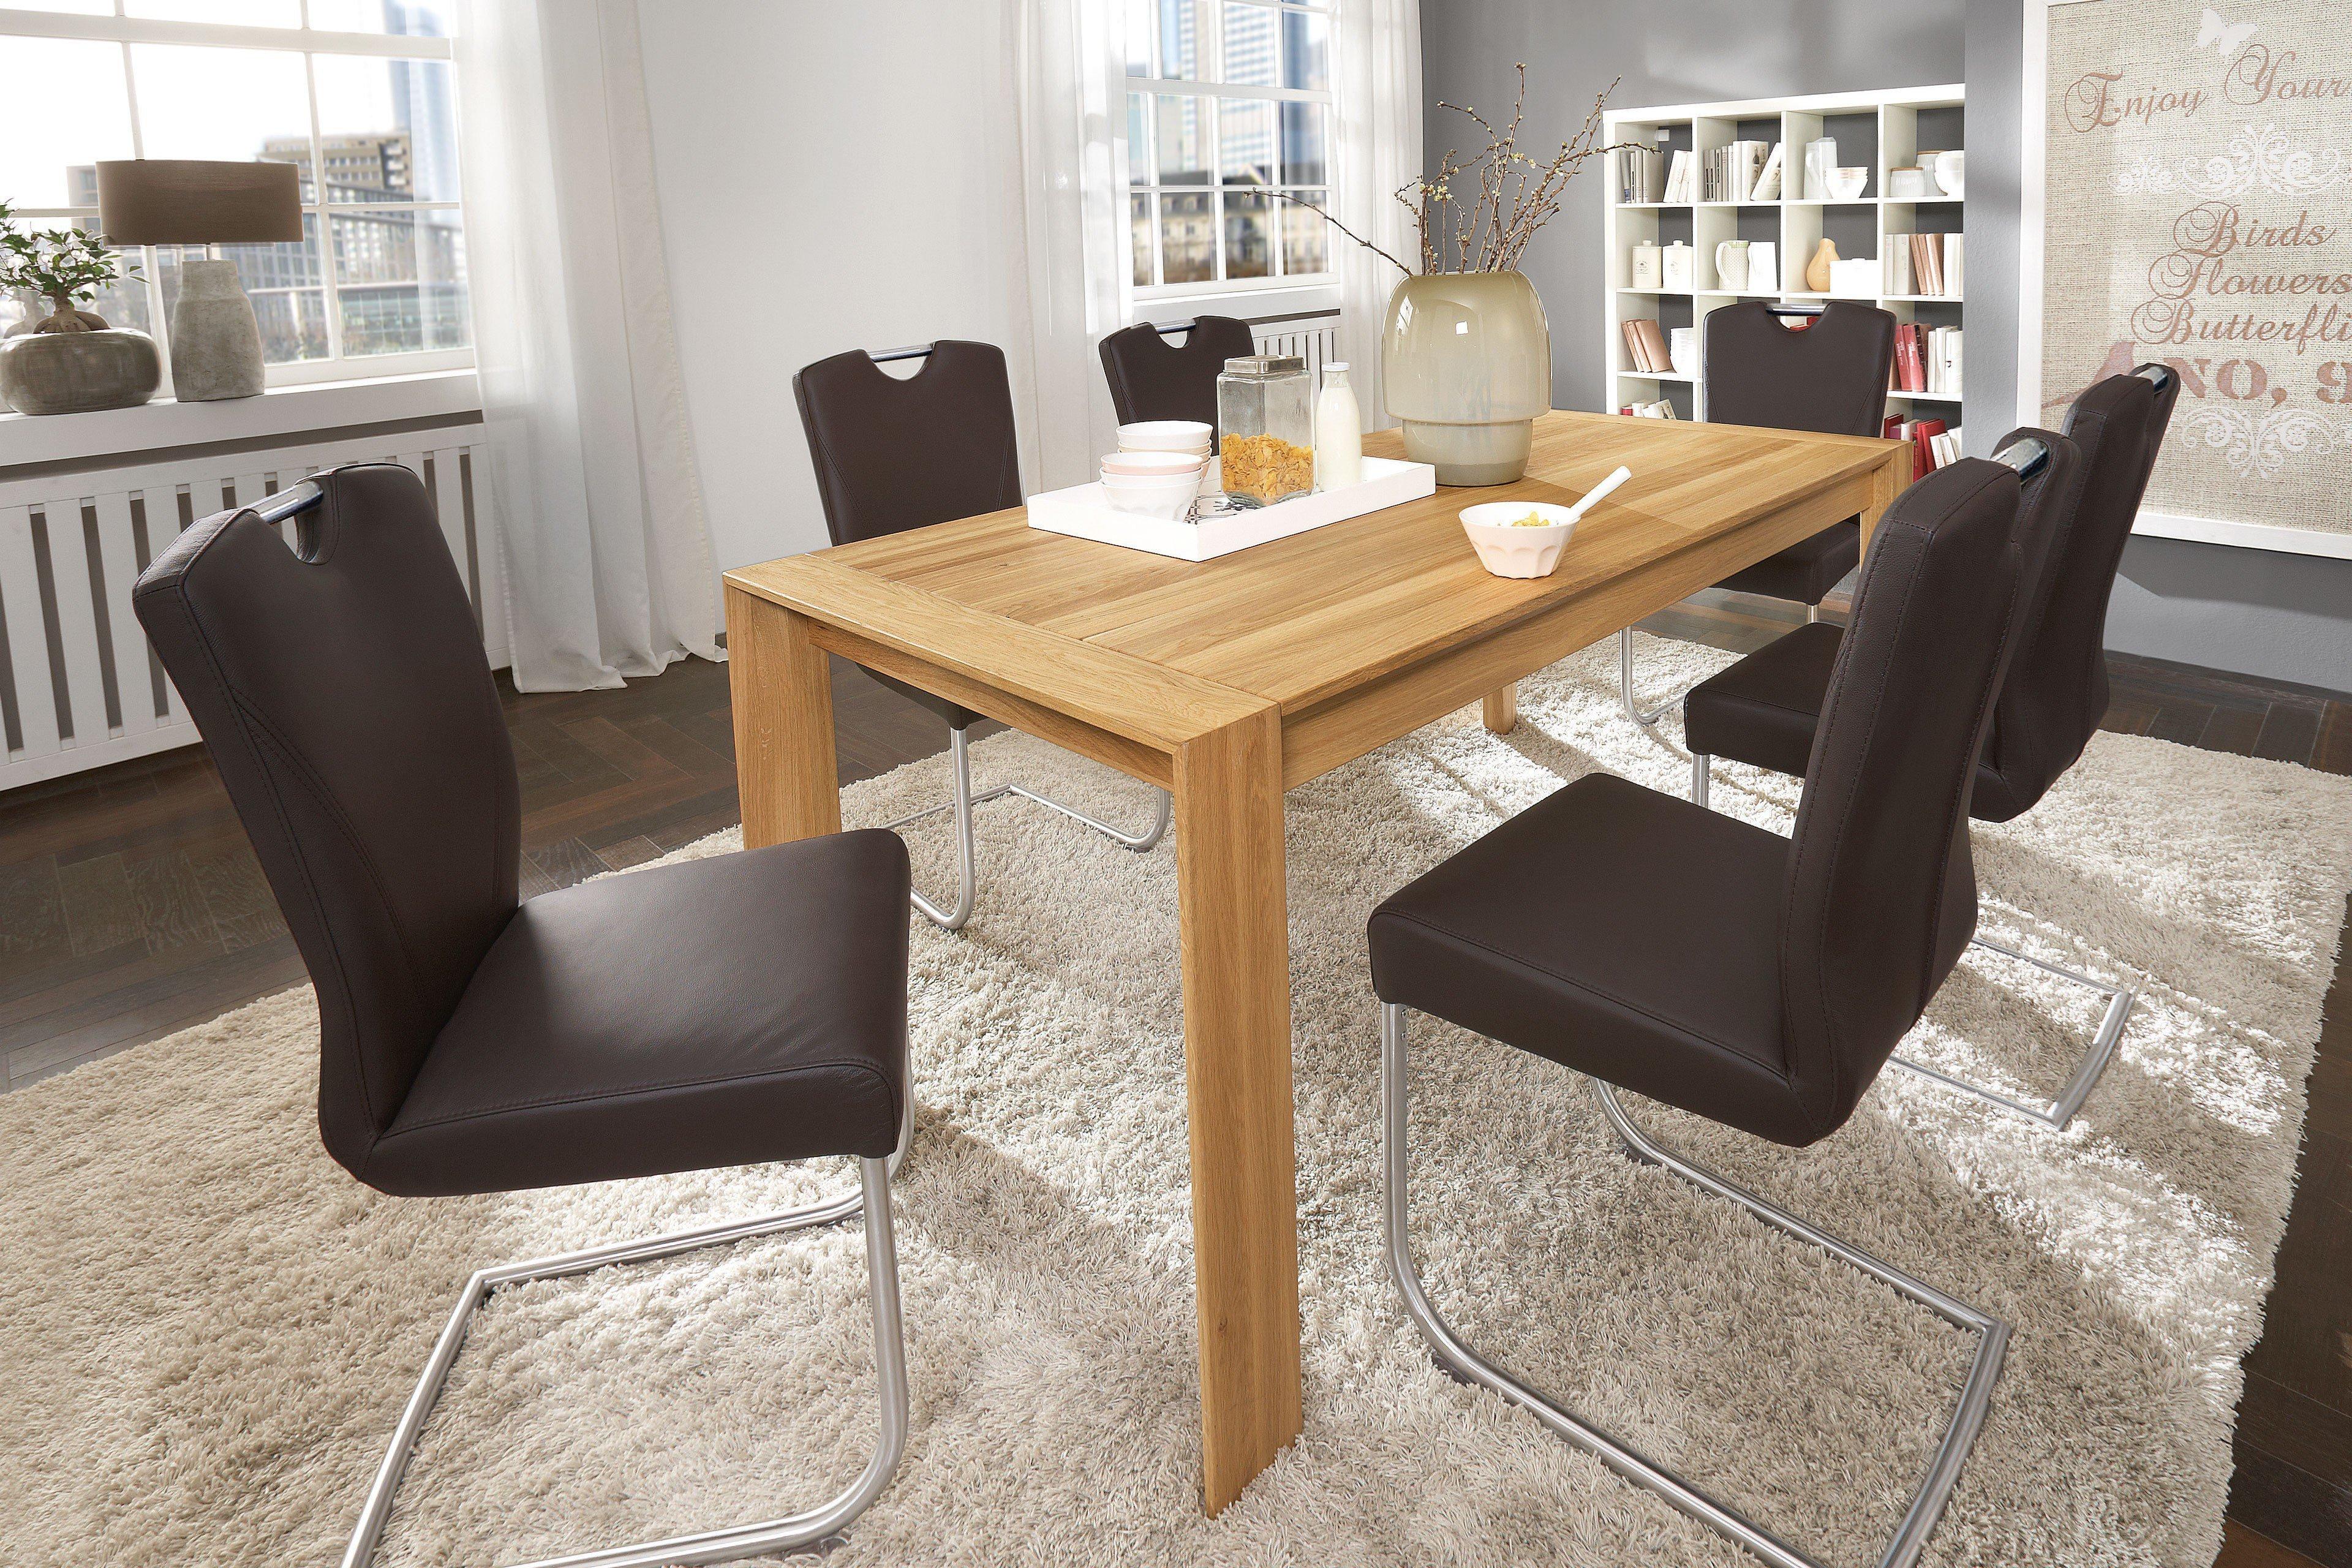 Esszimmer Von Niehoff Sitzmöbel   Tisch 2233 U0026 Stühle 4281